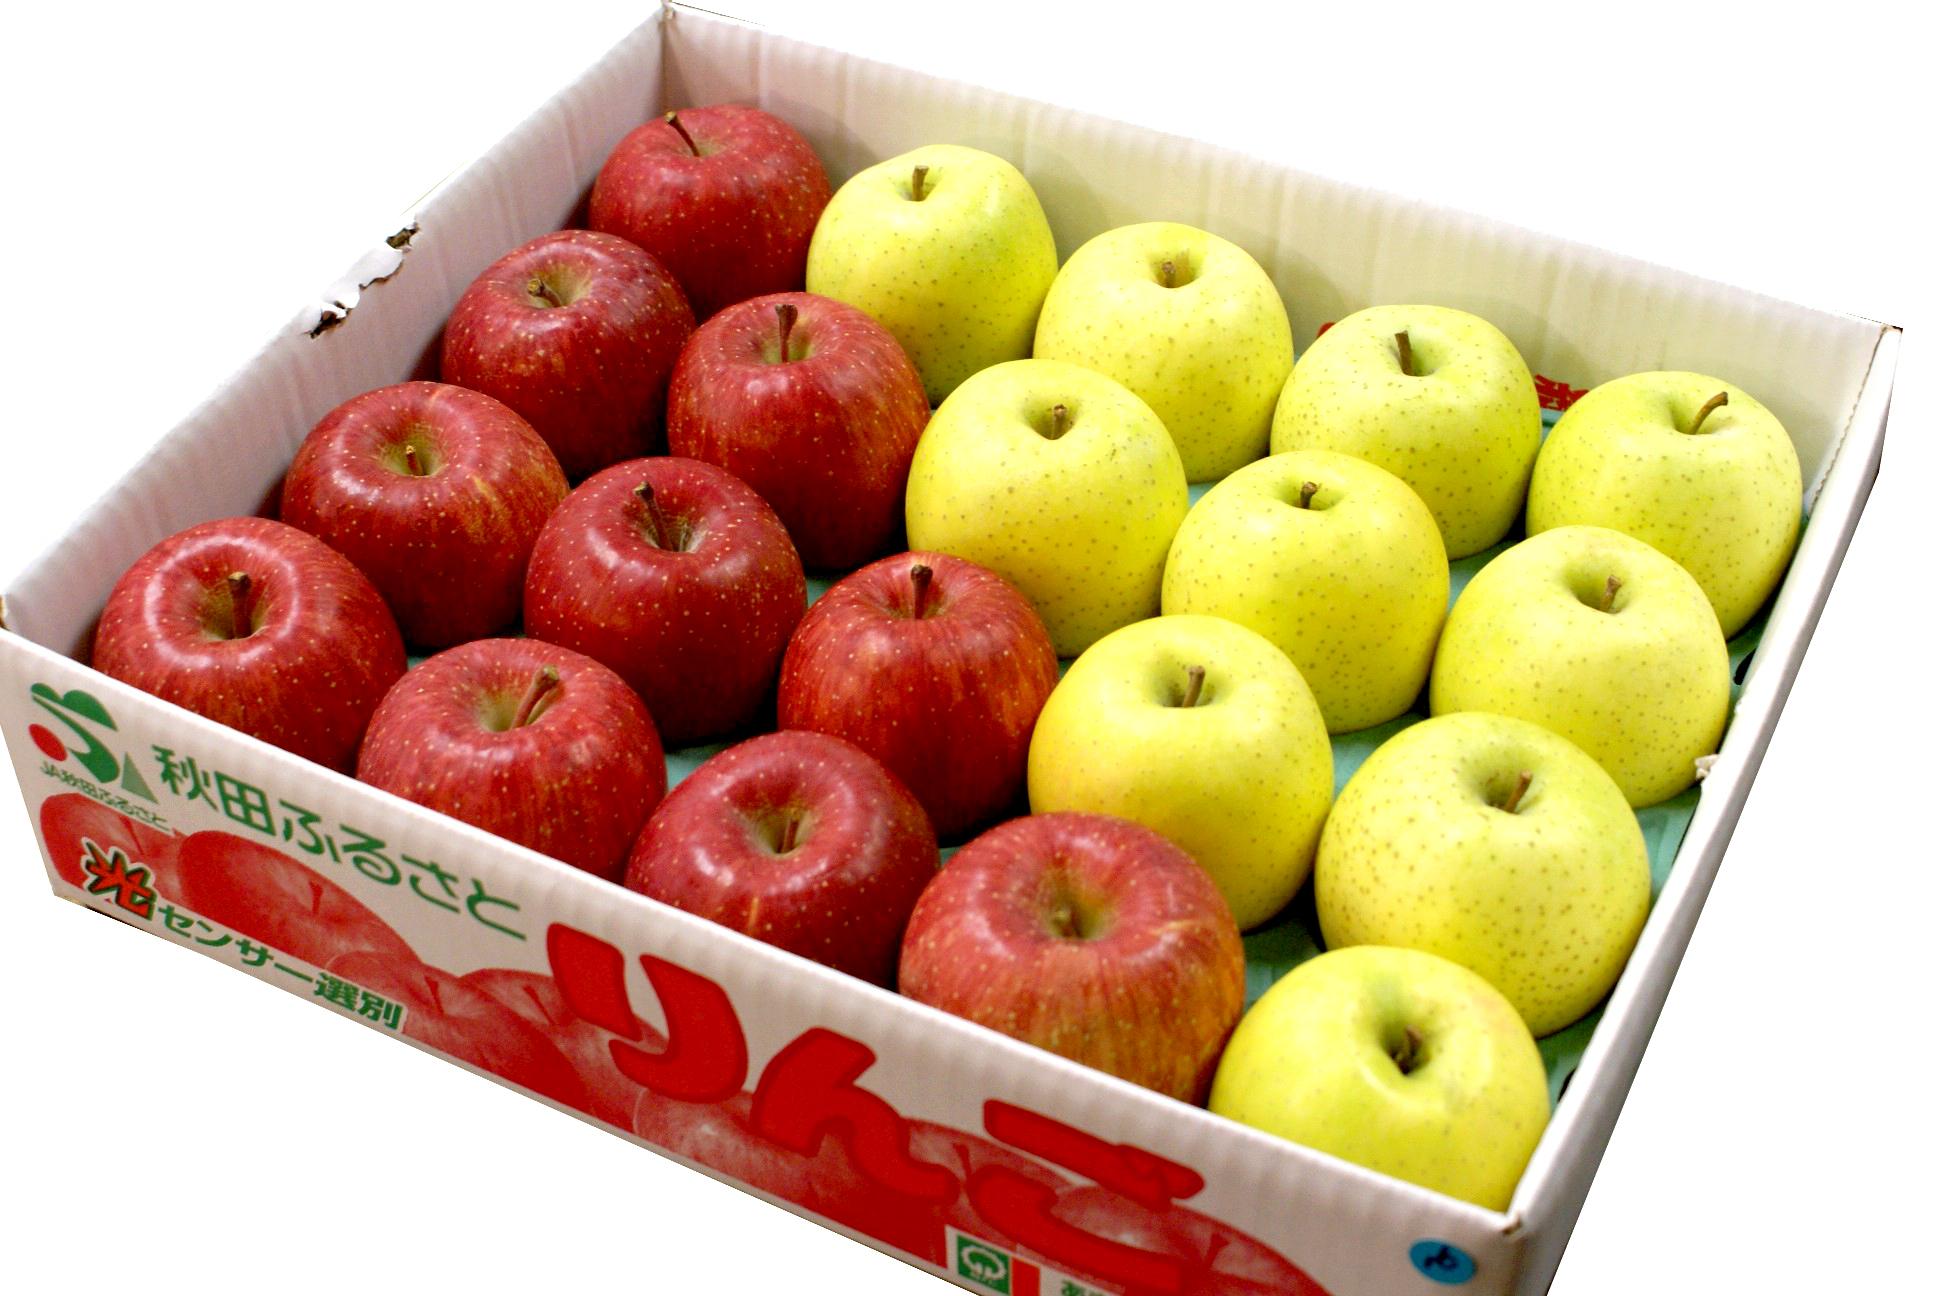 【ご注文から2〜3日後の出荷】完熟!秋田産りんご「サンふじ×王林」 約10kg(L 40玉)